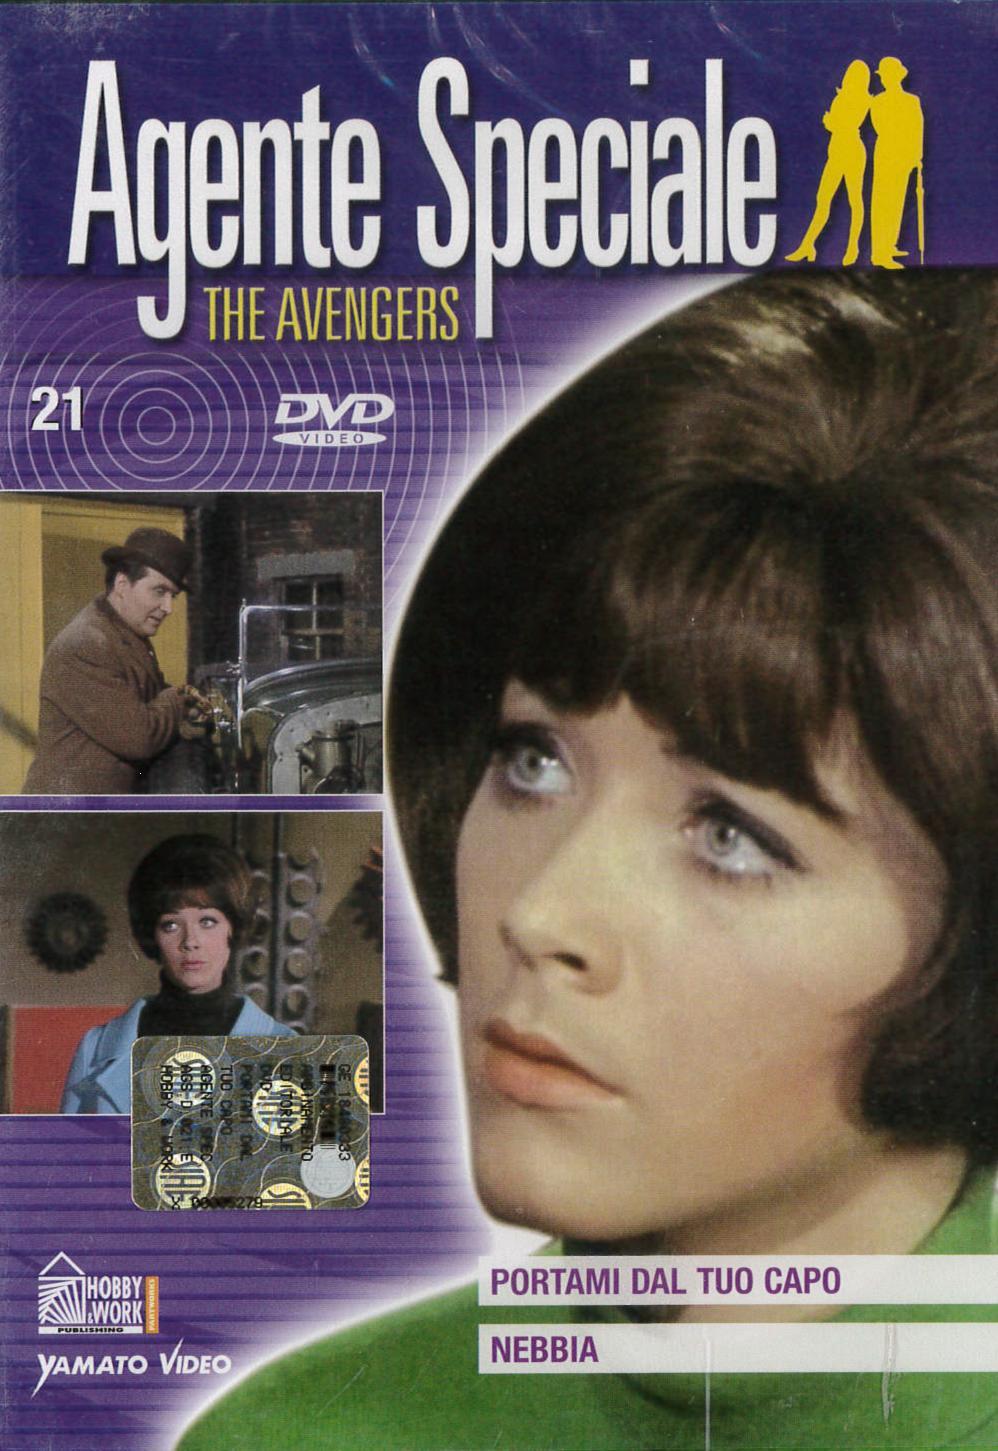 AGENTE SPECIALE 21 - ED.EDICOLA (DVD)